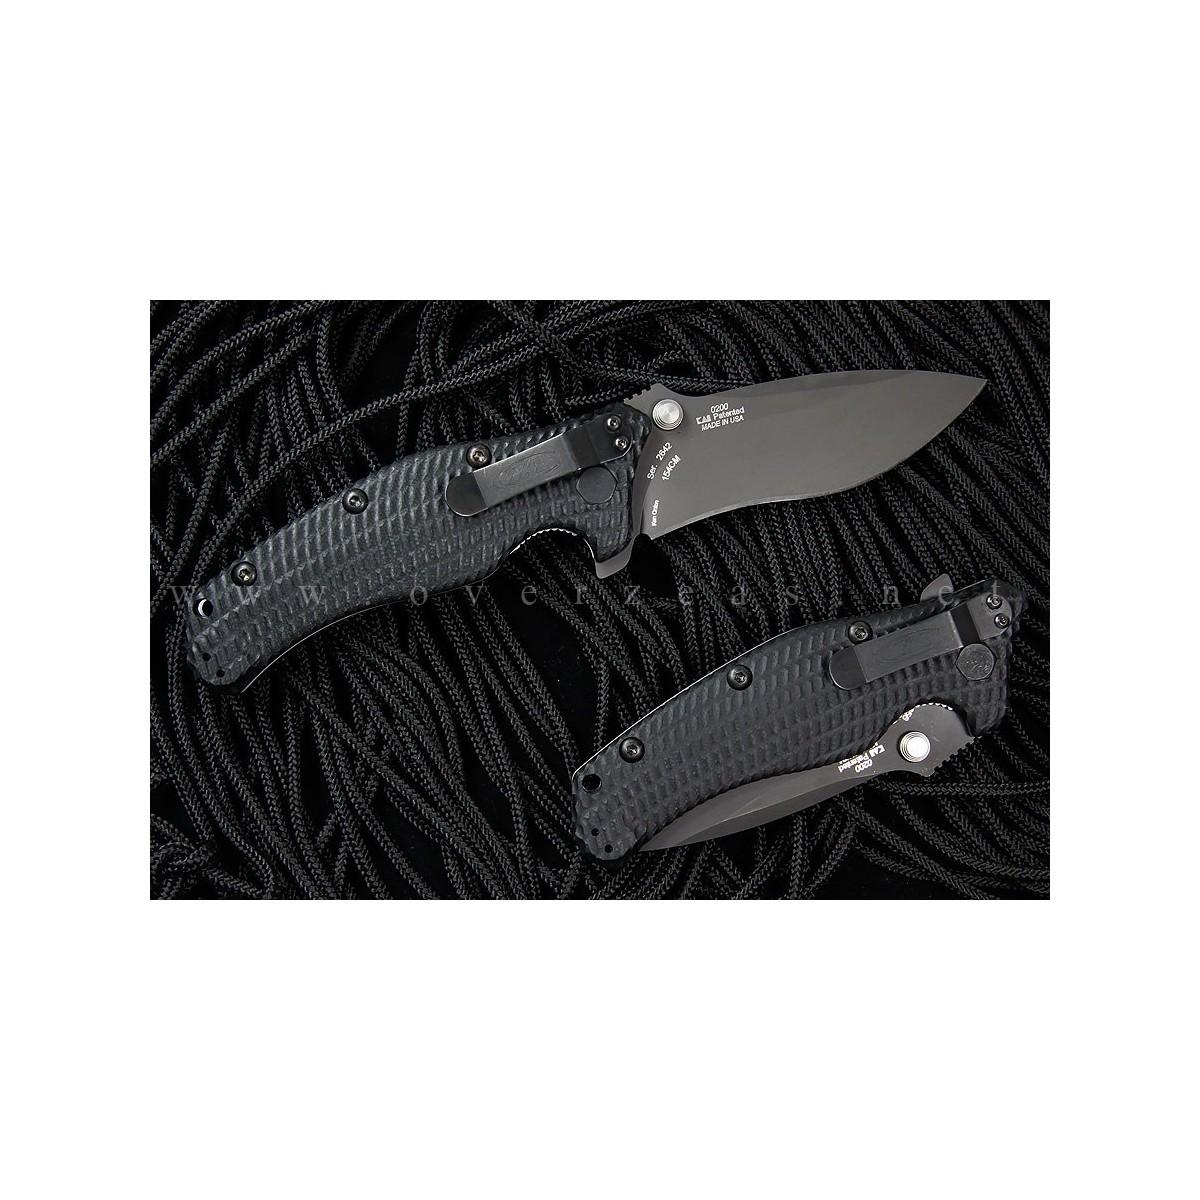 """Zero Tolerance Model 0200 Folder 4"""" Plain Blade, Black G10 Handles"""